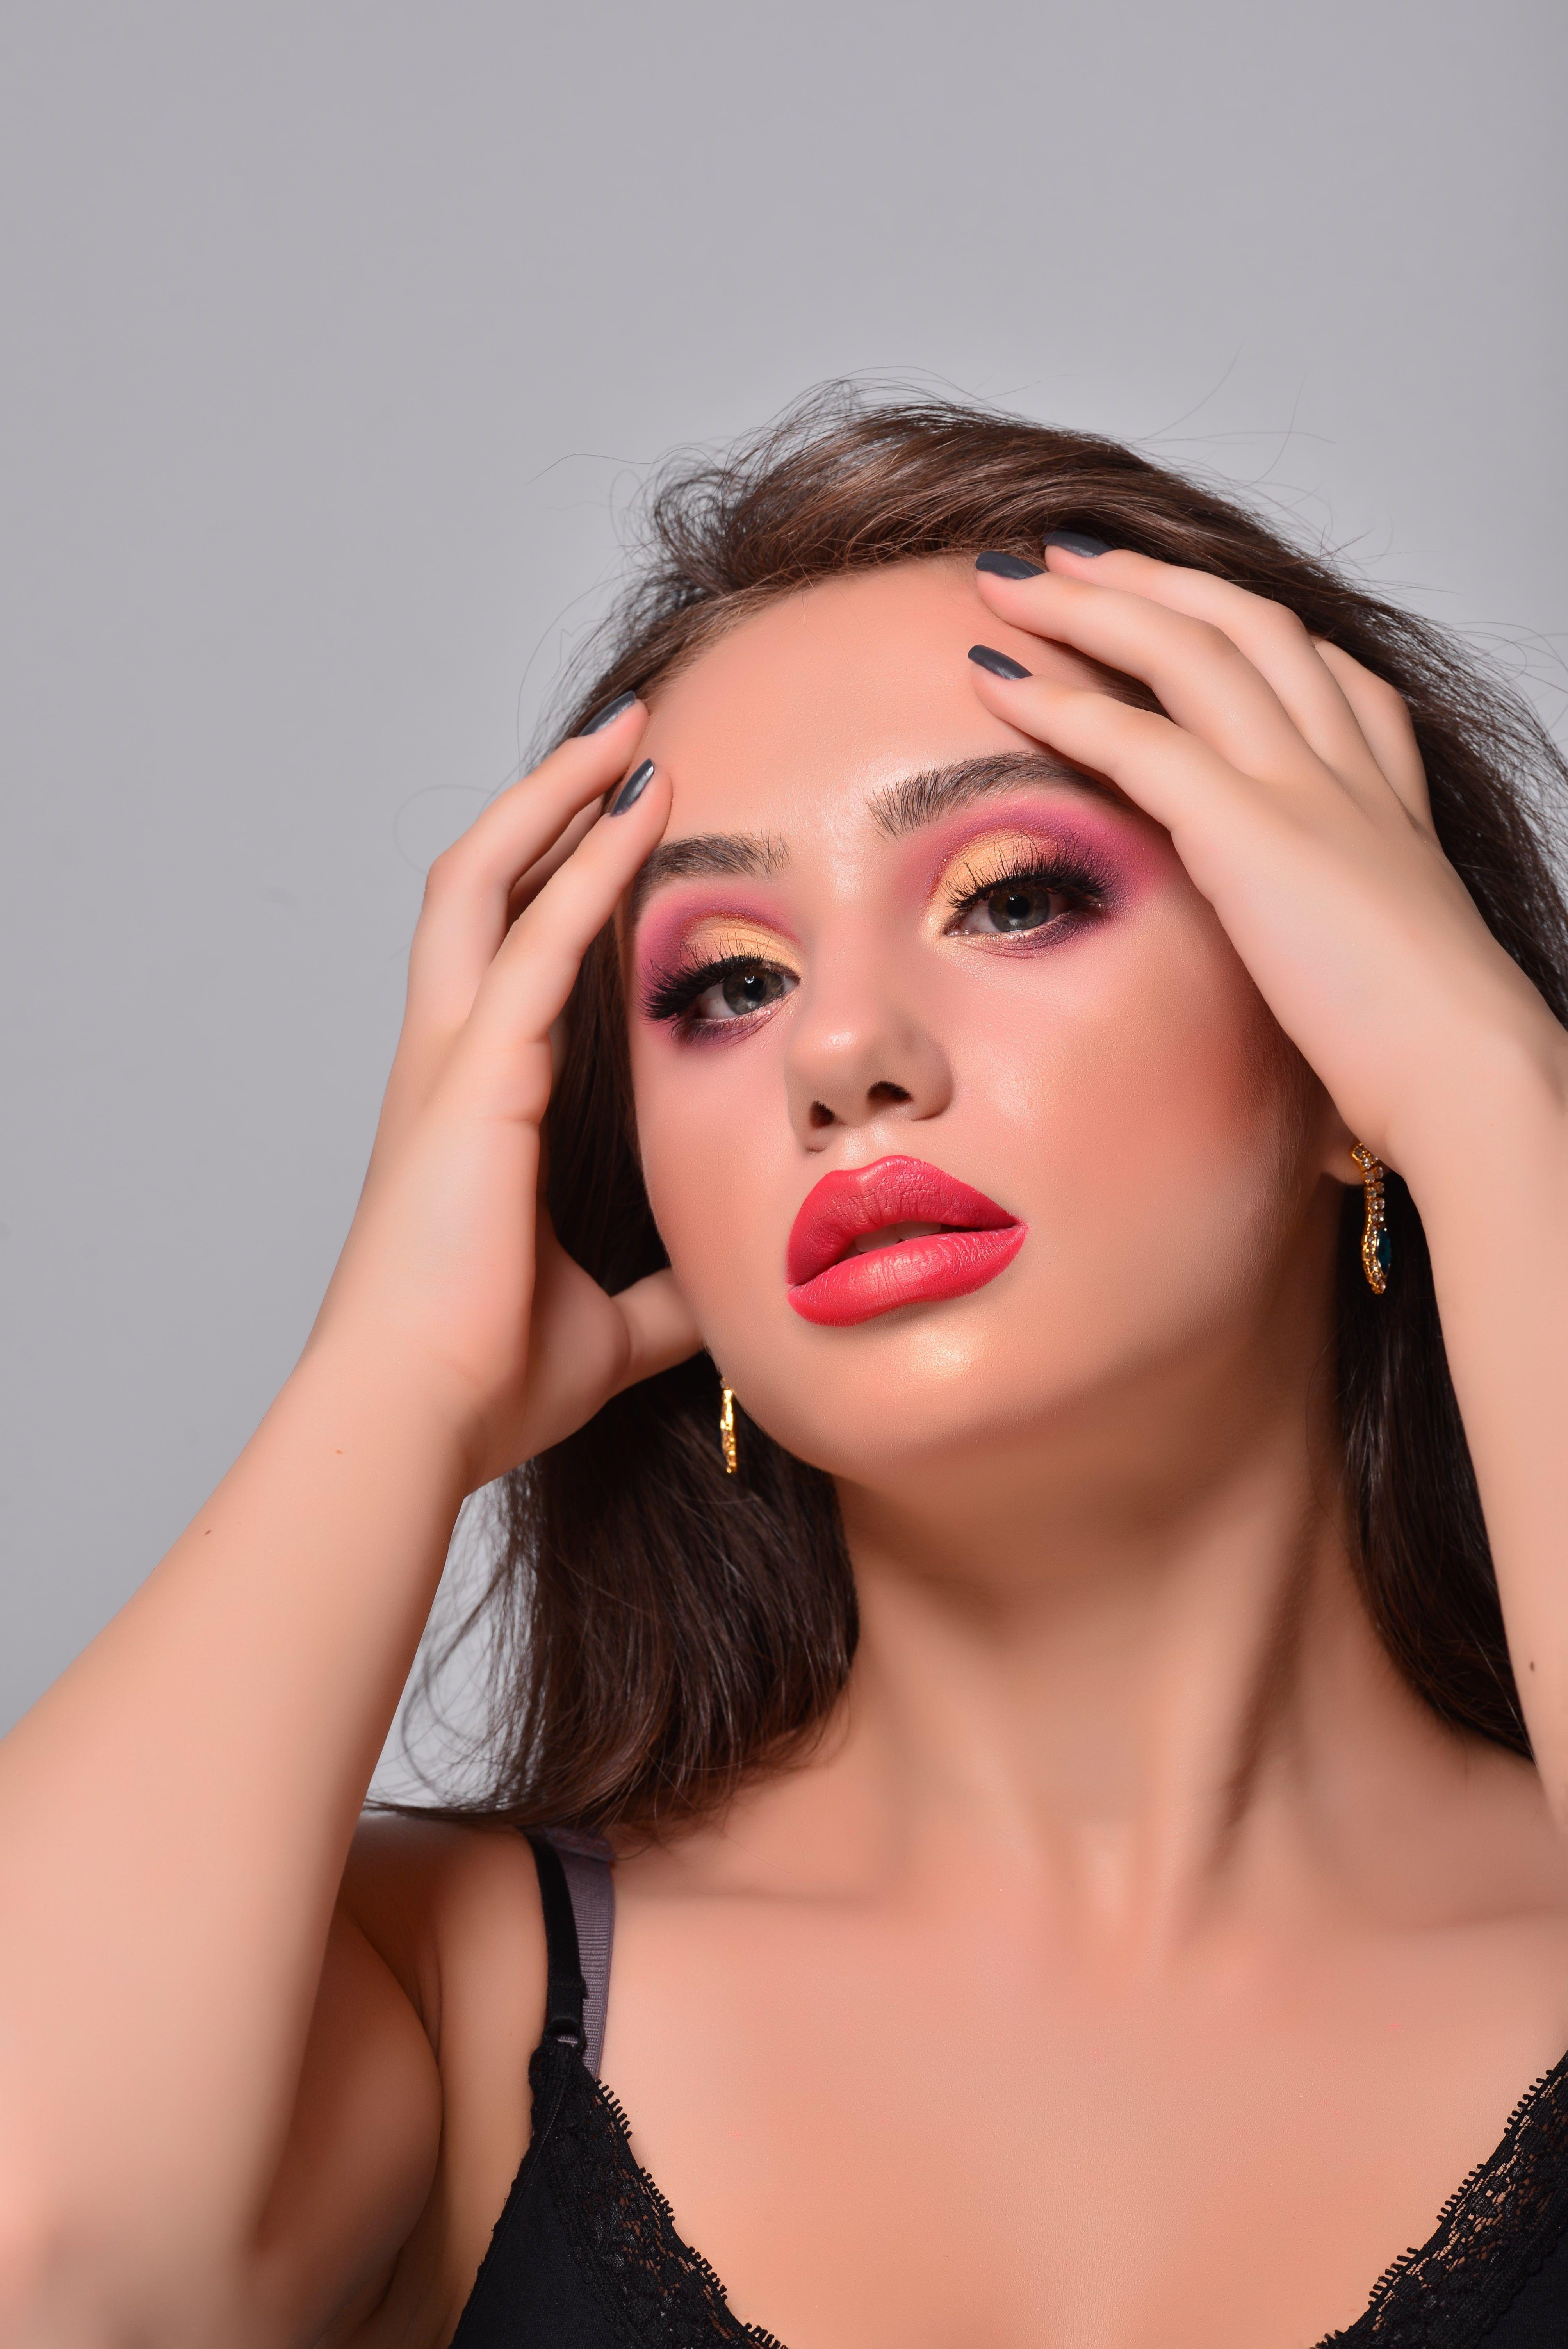 și Tu Poți Deveni Makeup Artist și Poți Realiza Machiaje Superbe